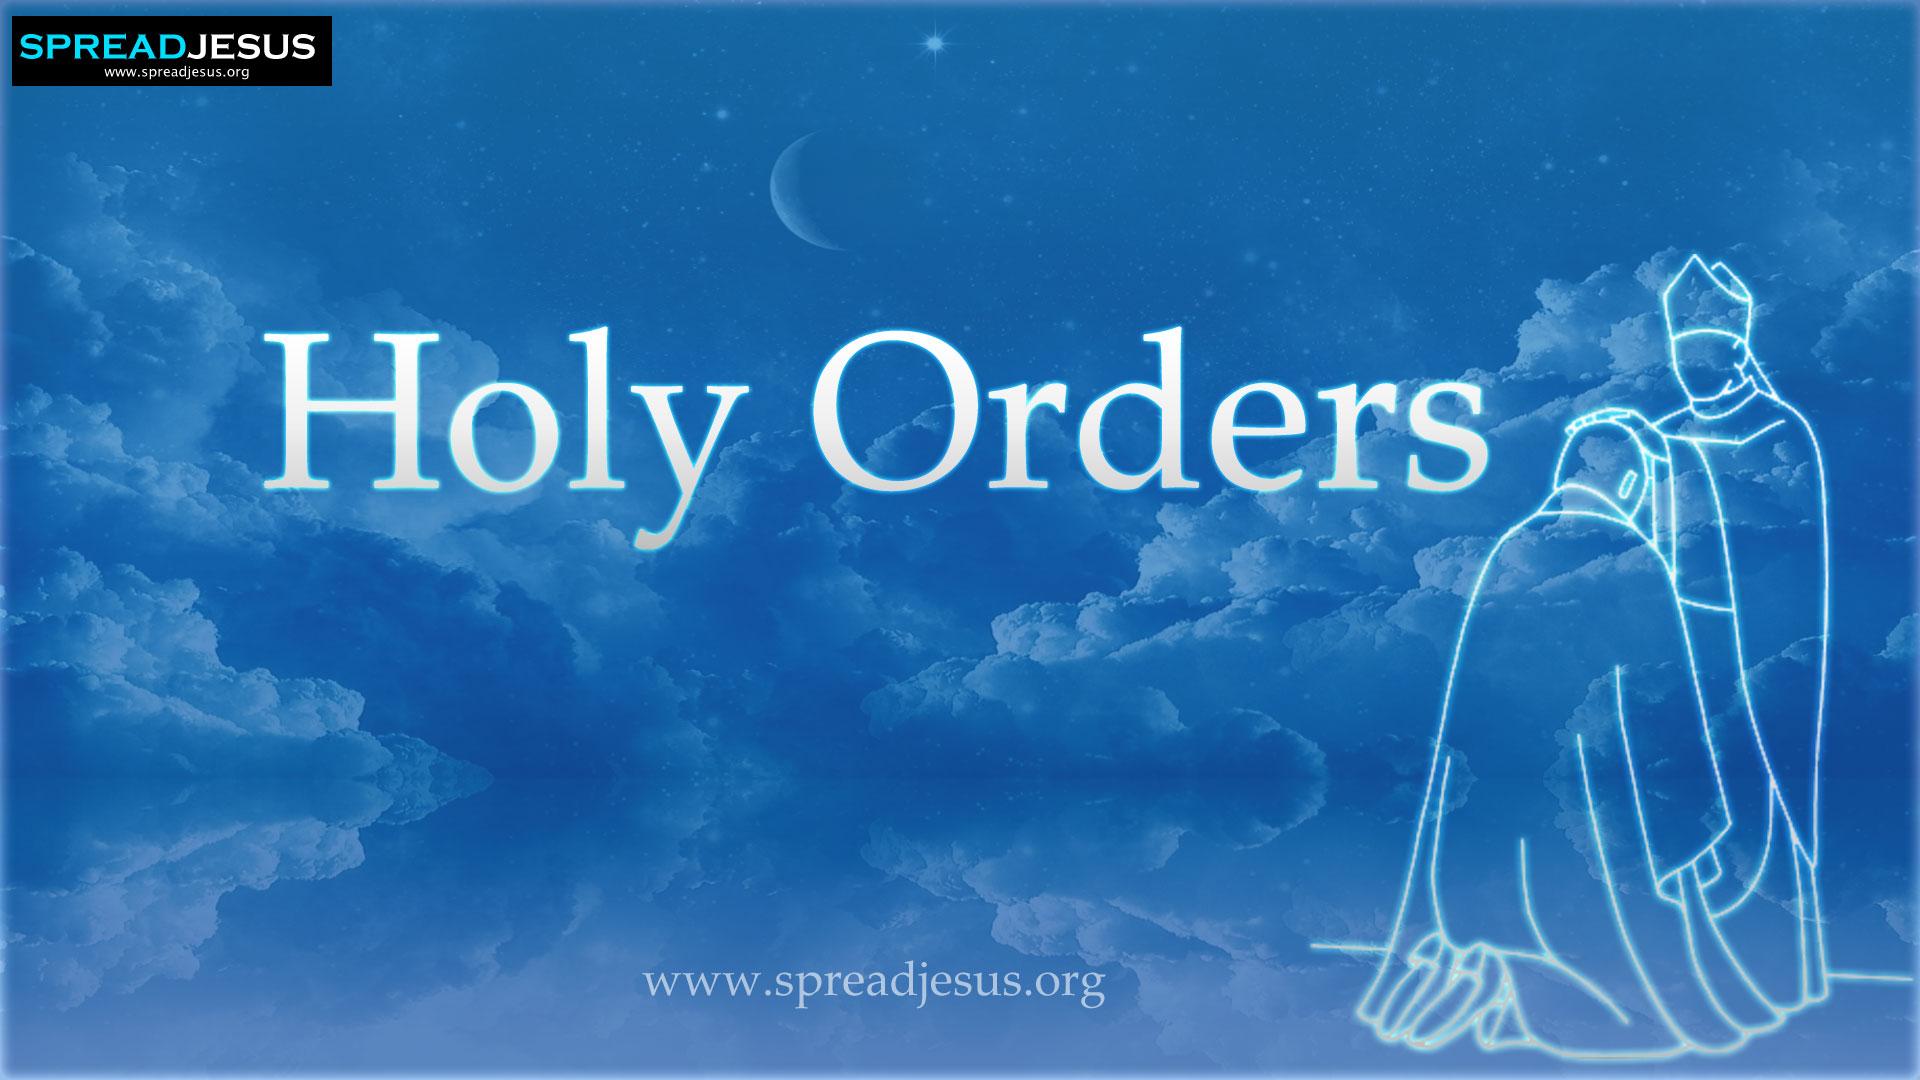 Holy order -Priesthood